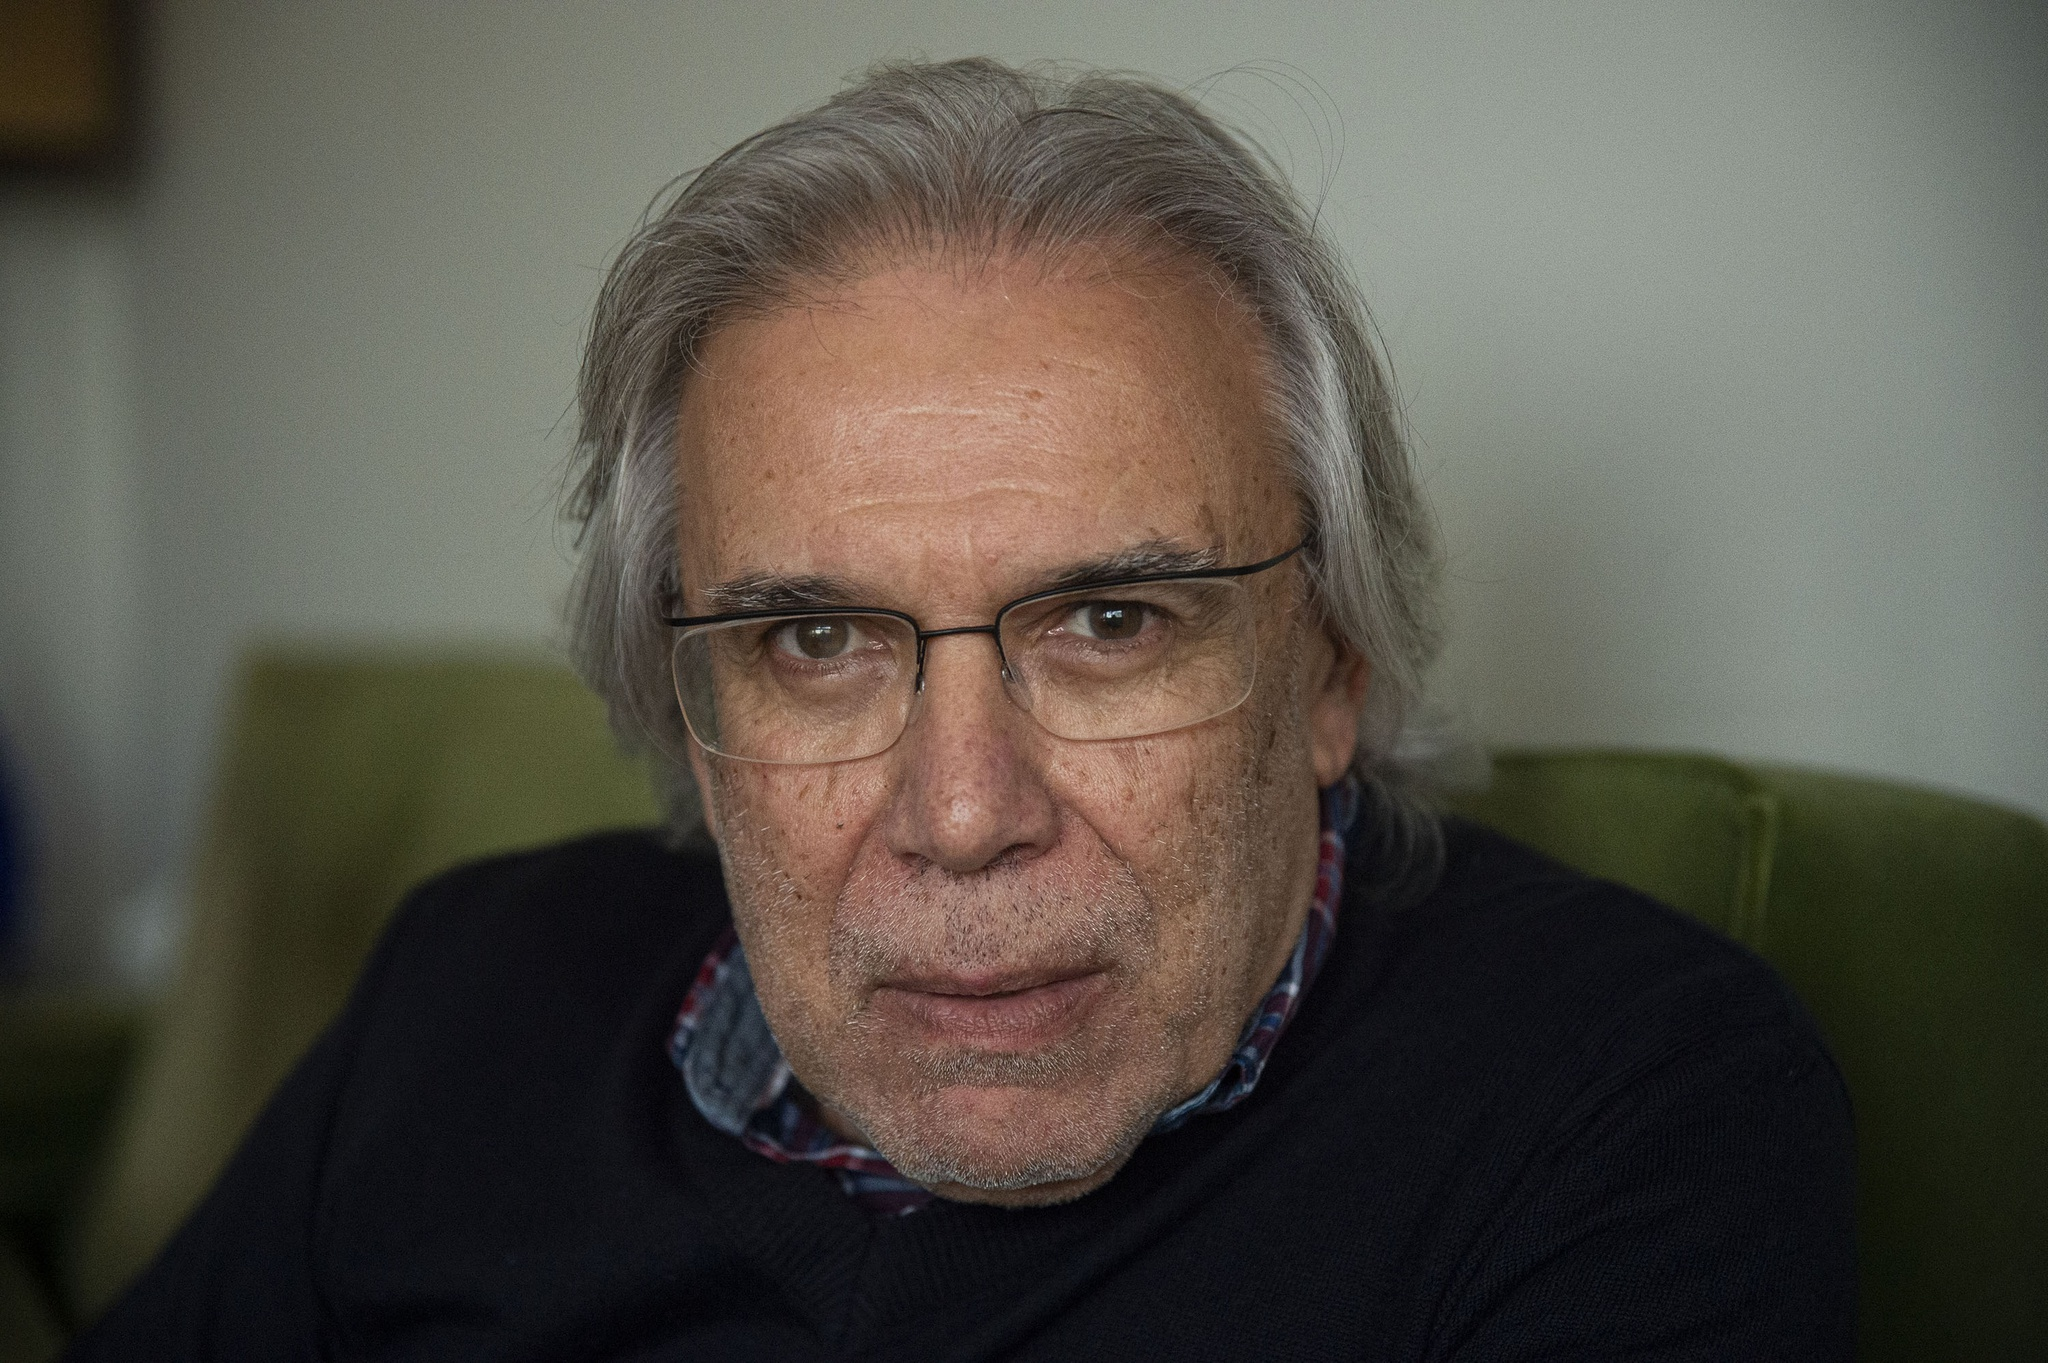 Júlio Machado Vaz